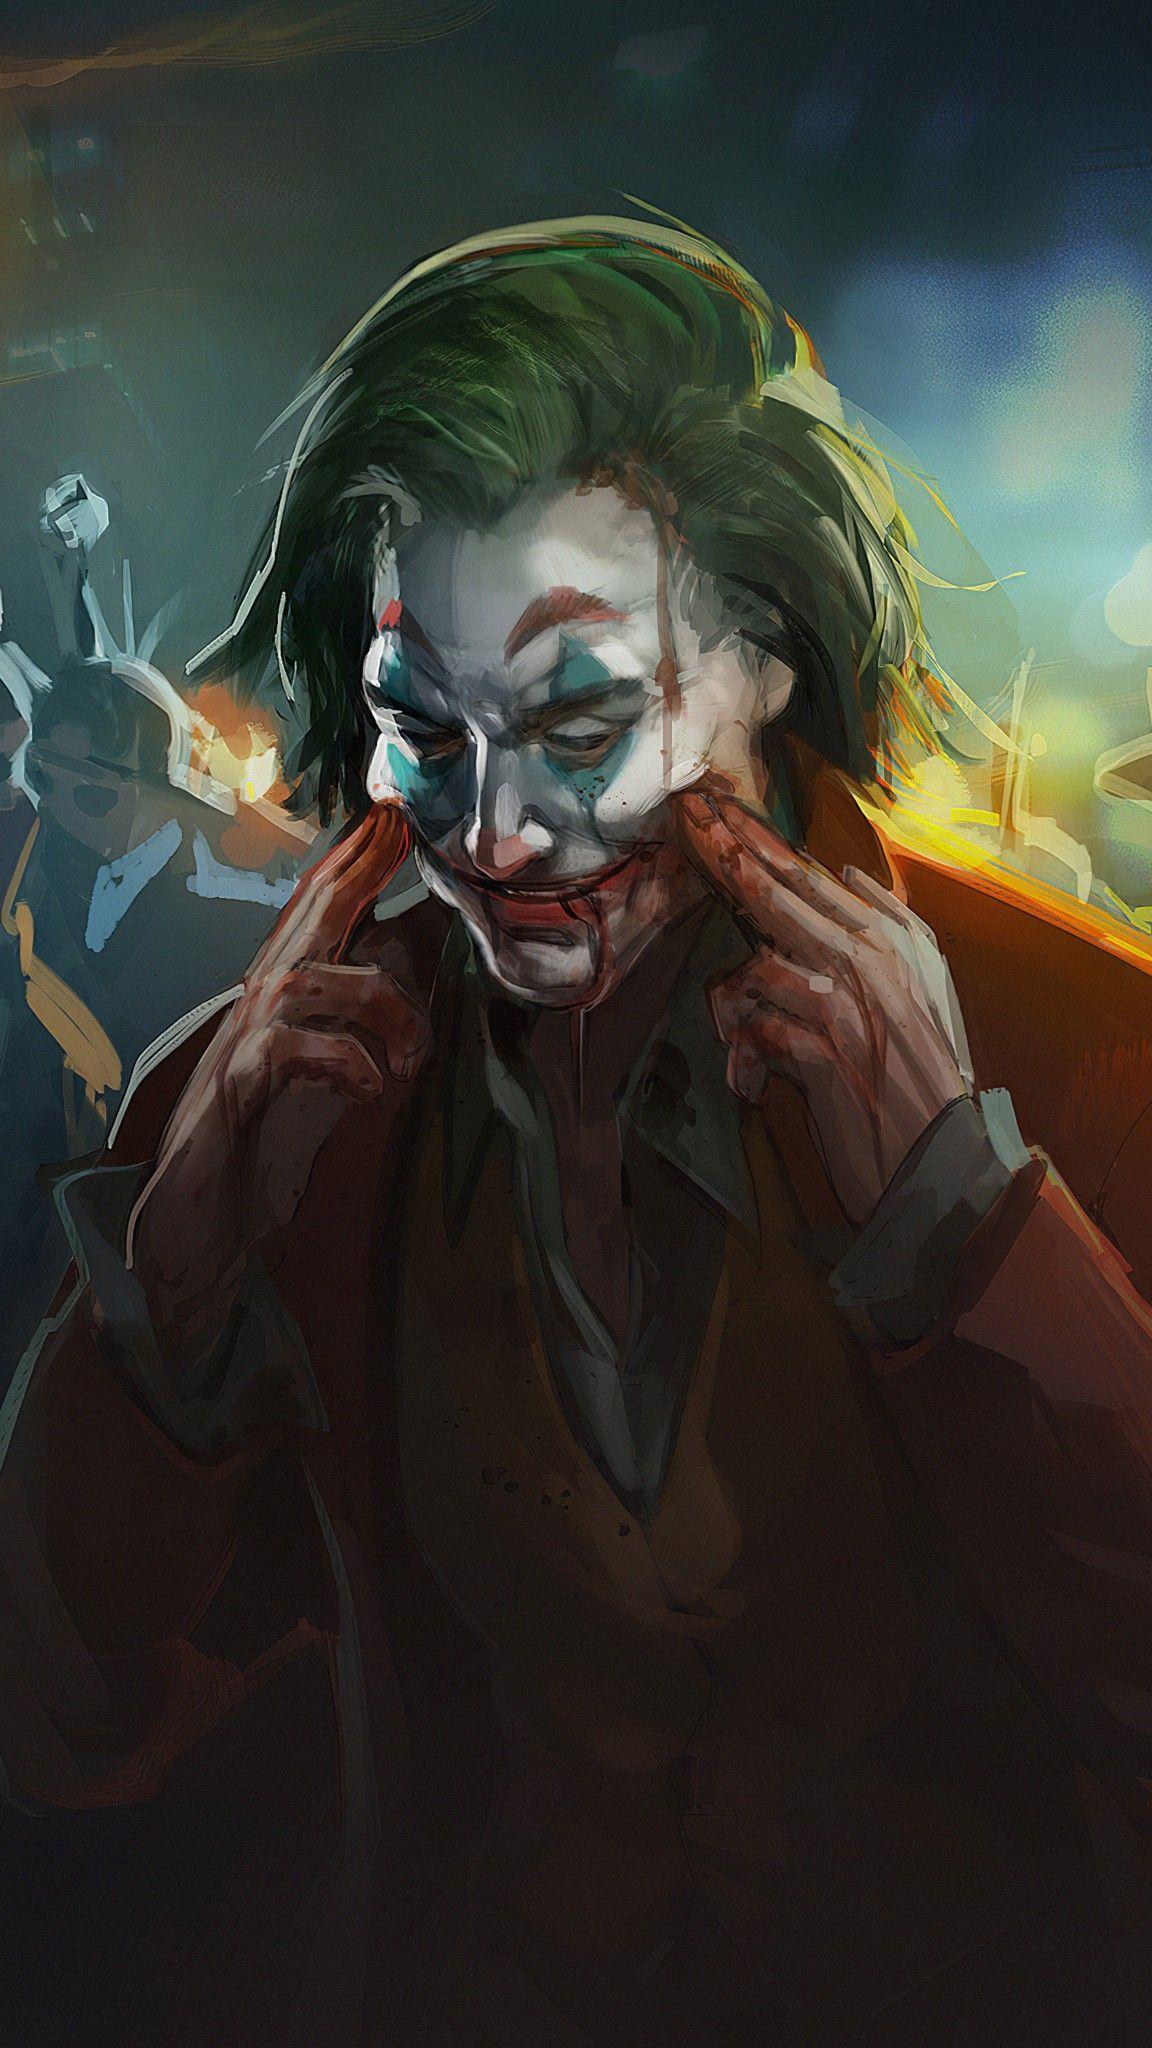 The Joker in 2020 Batman joker wallpaper, Joker artwork